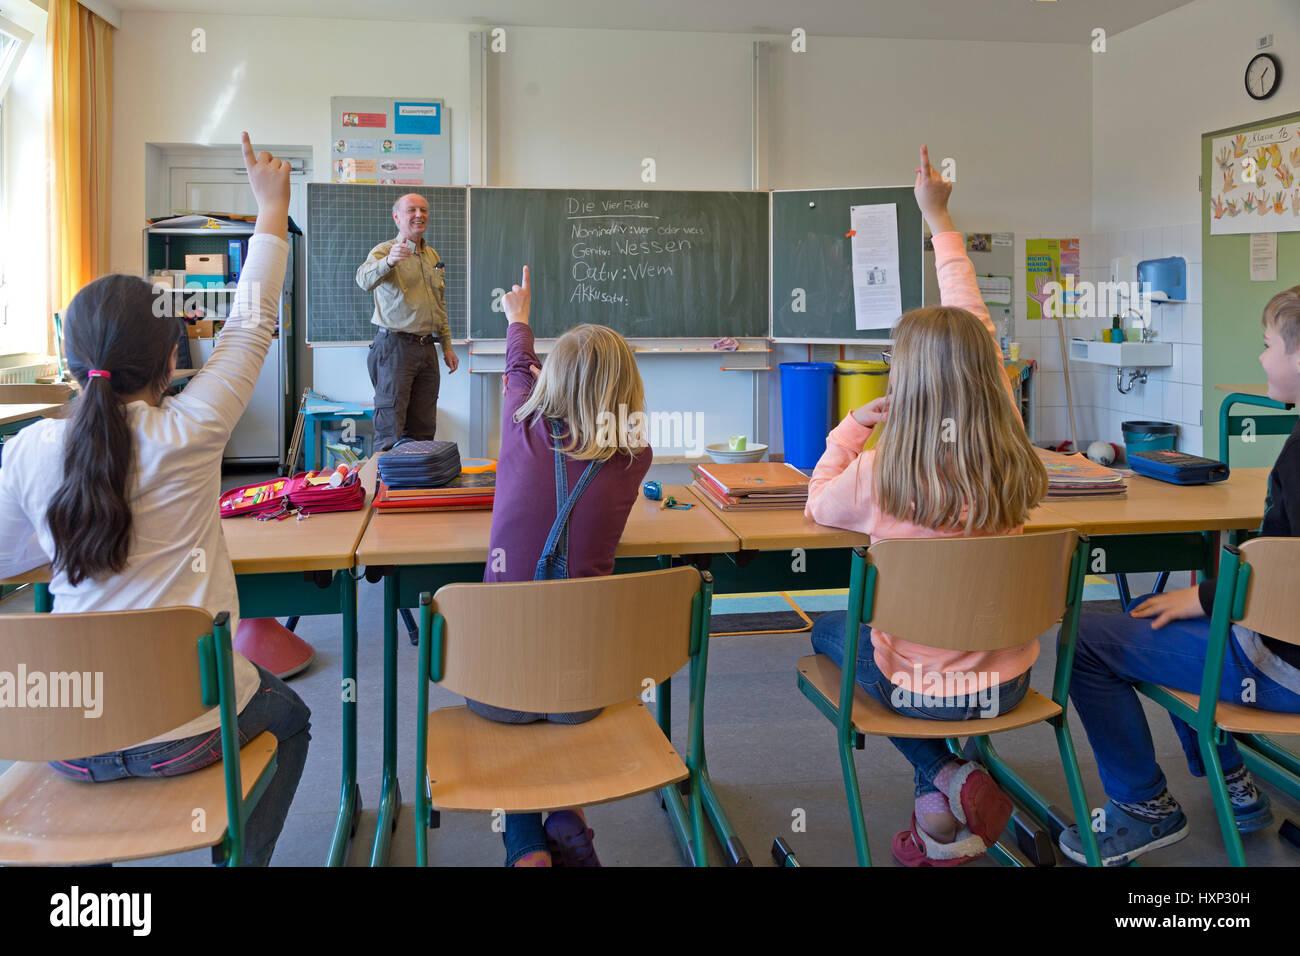 Les enfants lèvent la main à l'école primaire Photo Stock